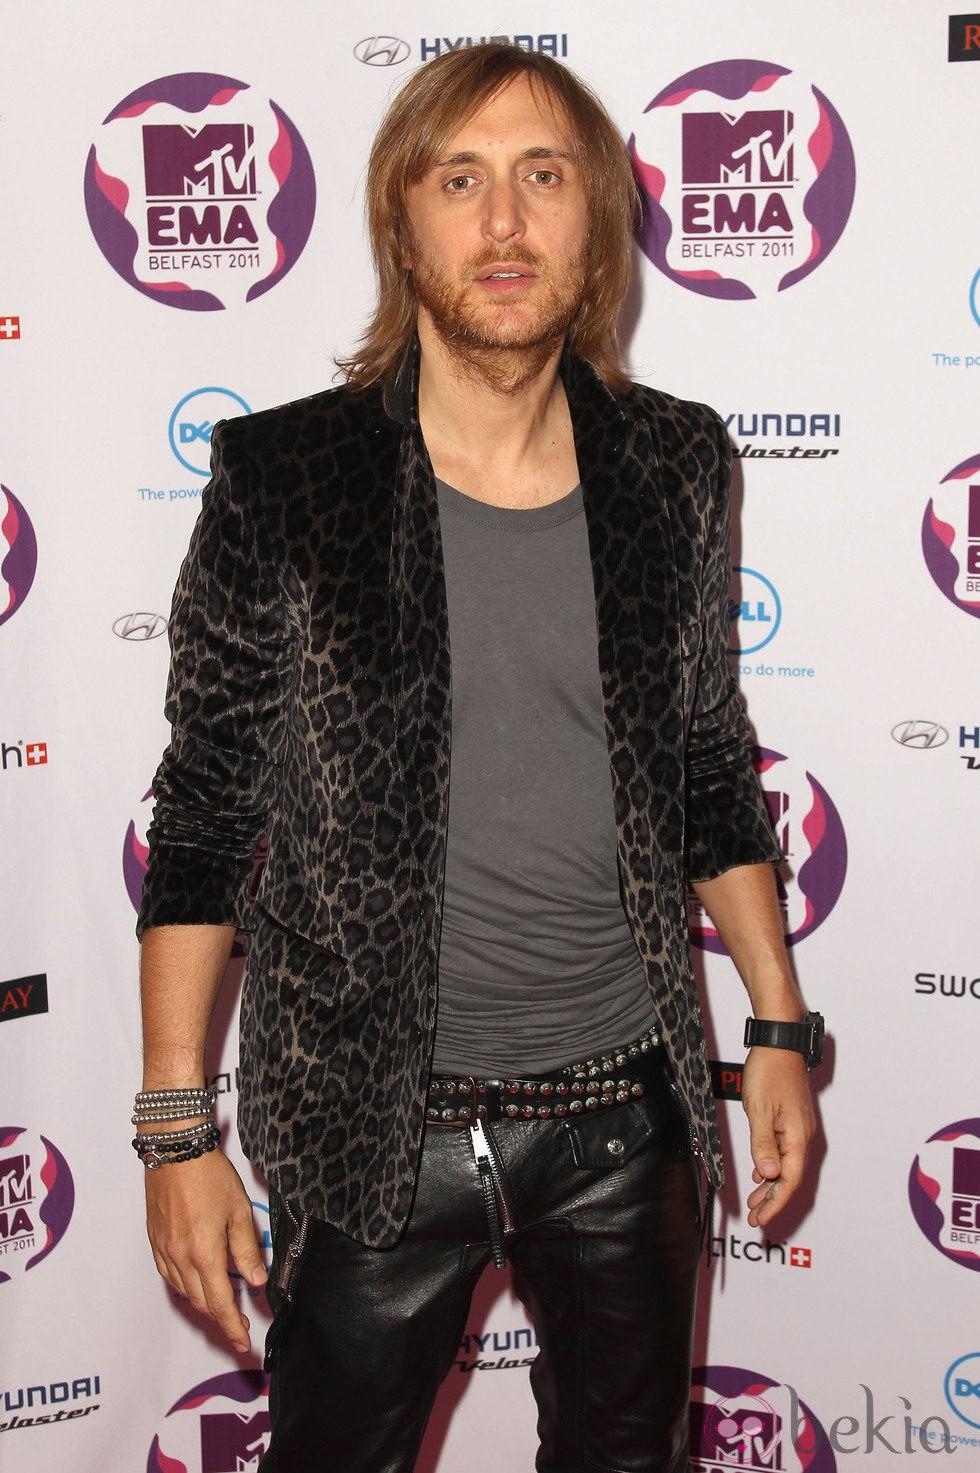 Peinado de David Guetta en los MTV Europe Music Awards 2011